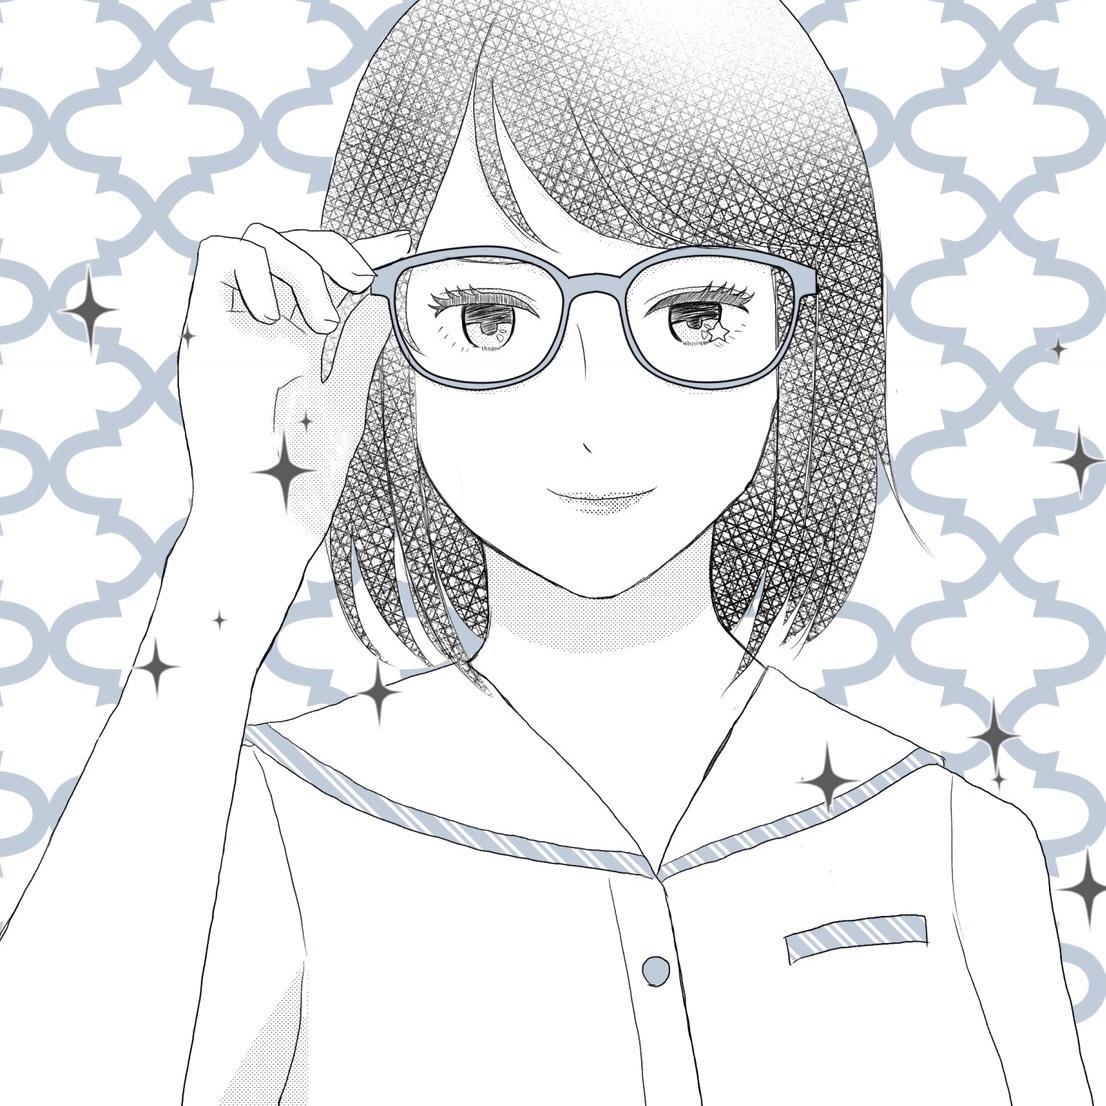 少女漫画タッチのアイコン作成します 少女漫画風の絵やモノクロ絵が好きな人に!